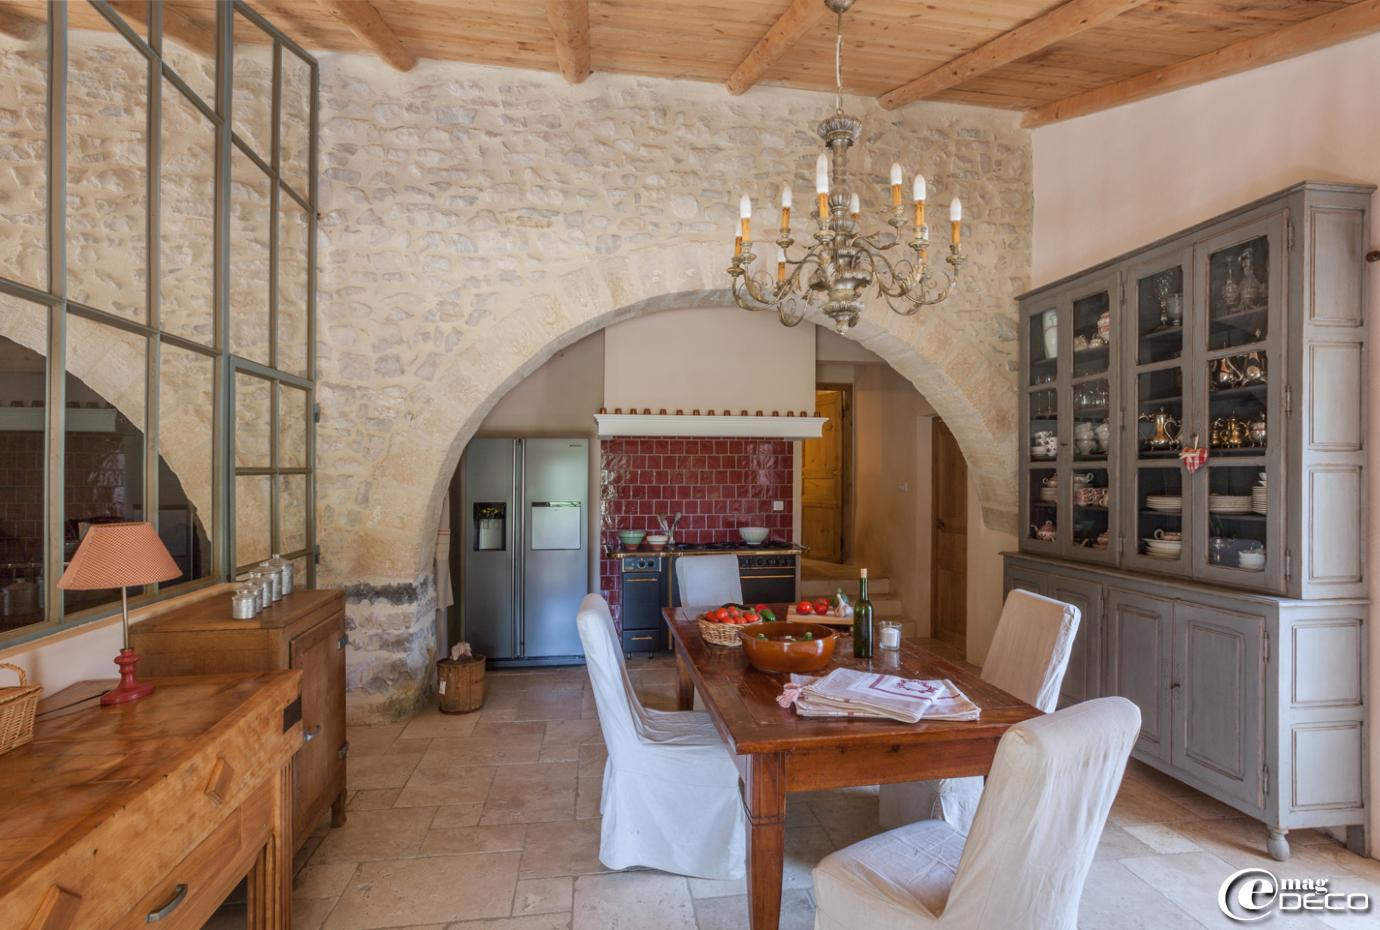 Cuisine de style campagne chic dans une bergerie rénovée de style provençale